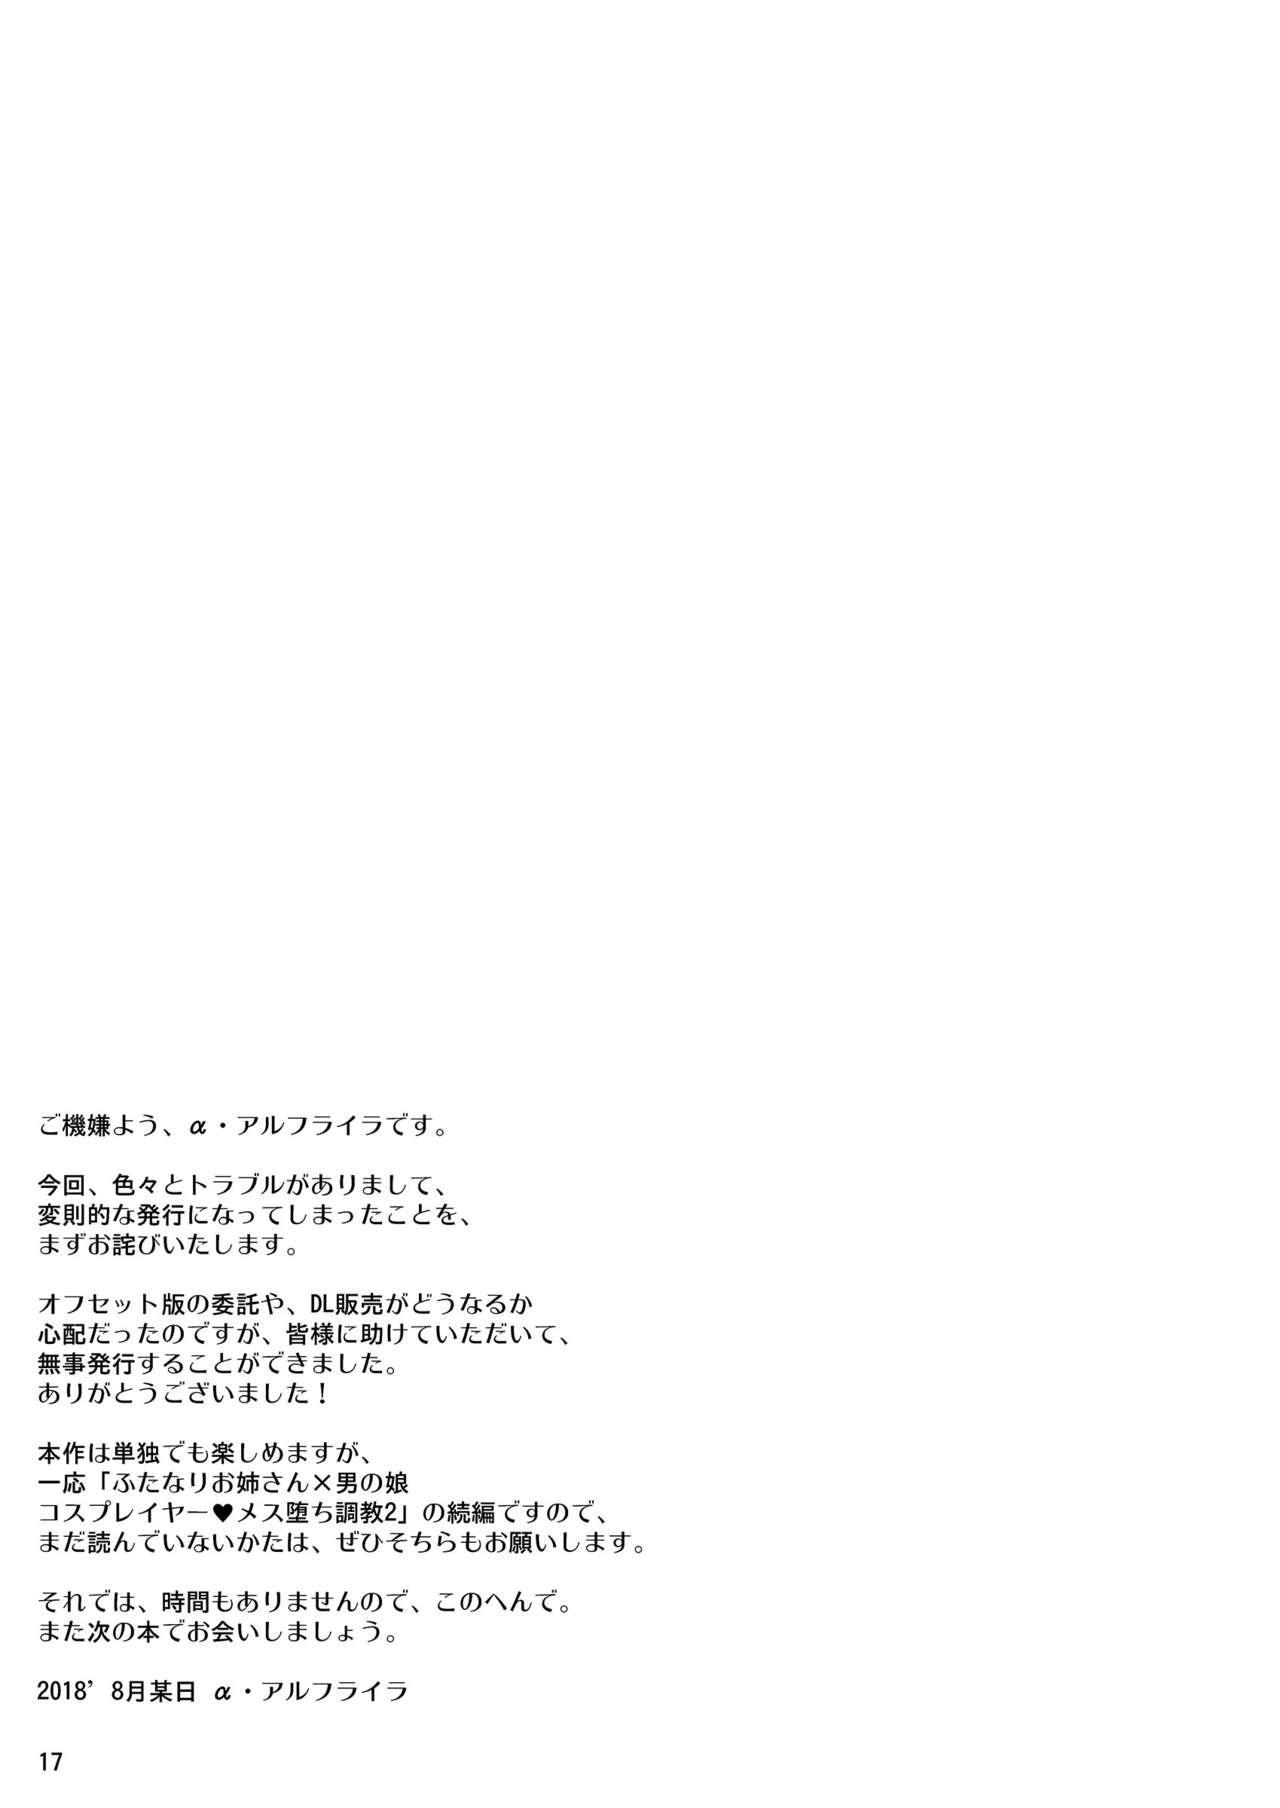 Futanari Onee-san x Otokonoko Cosplayer Mesu Ochi Choukyou Kainikou 16